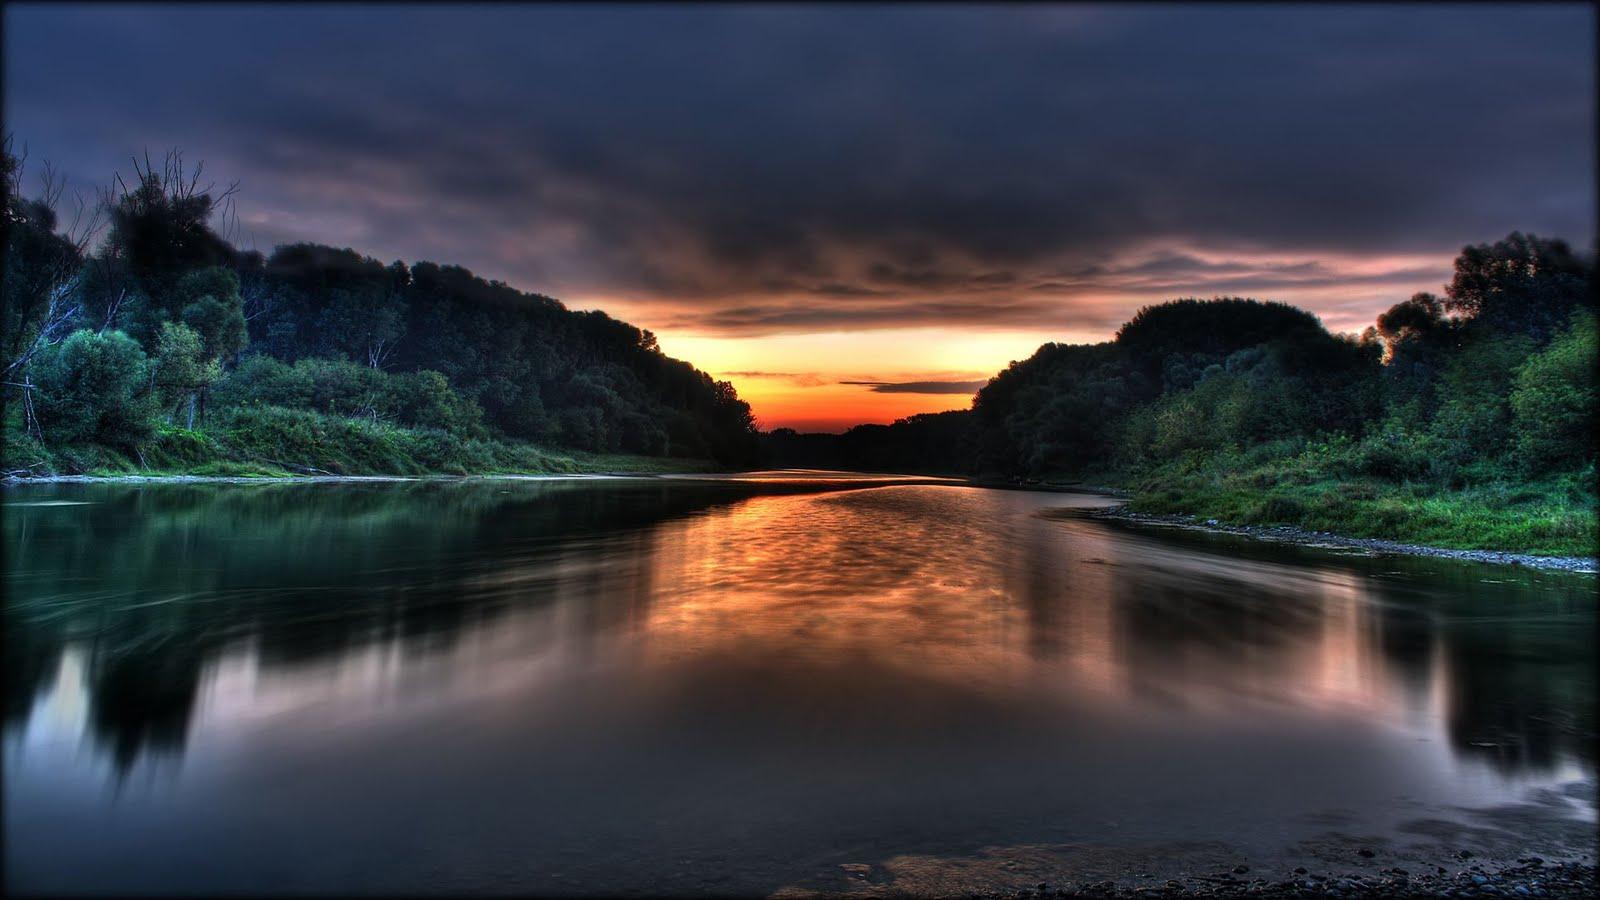 http://1.bp.blogspot.com/-IXpJJHO5YWs/TlsJrb08sqI/AAAAAAAAAAQ/EVxf6ZKl36Q/s1600/HDTV-Donau_sunrise_1920x1080_HDTV_1080p.jpg